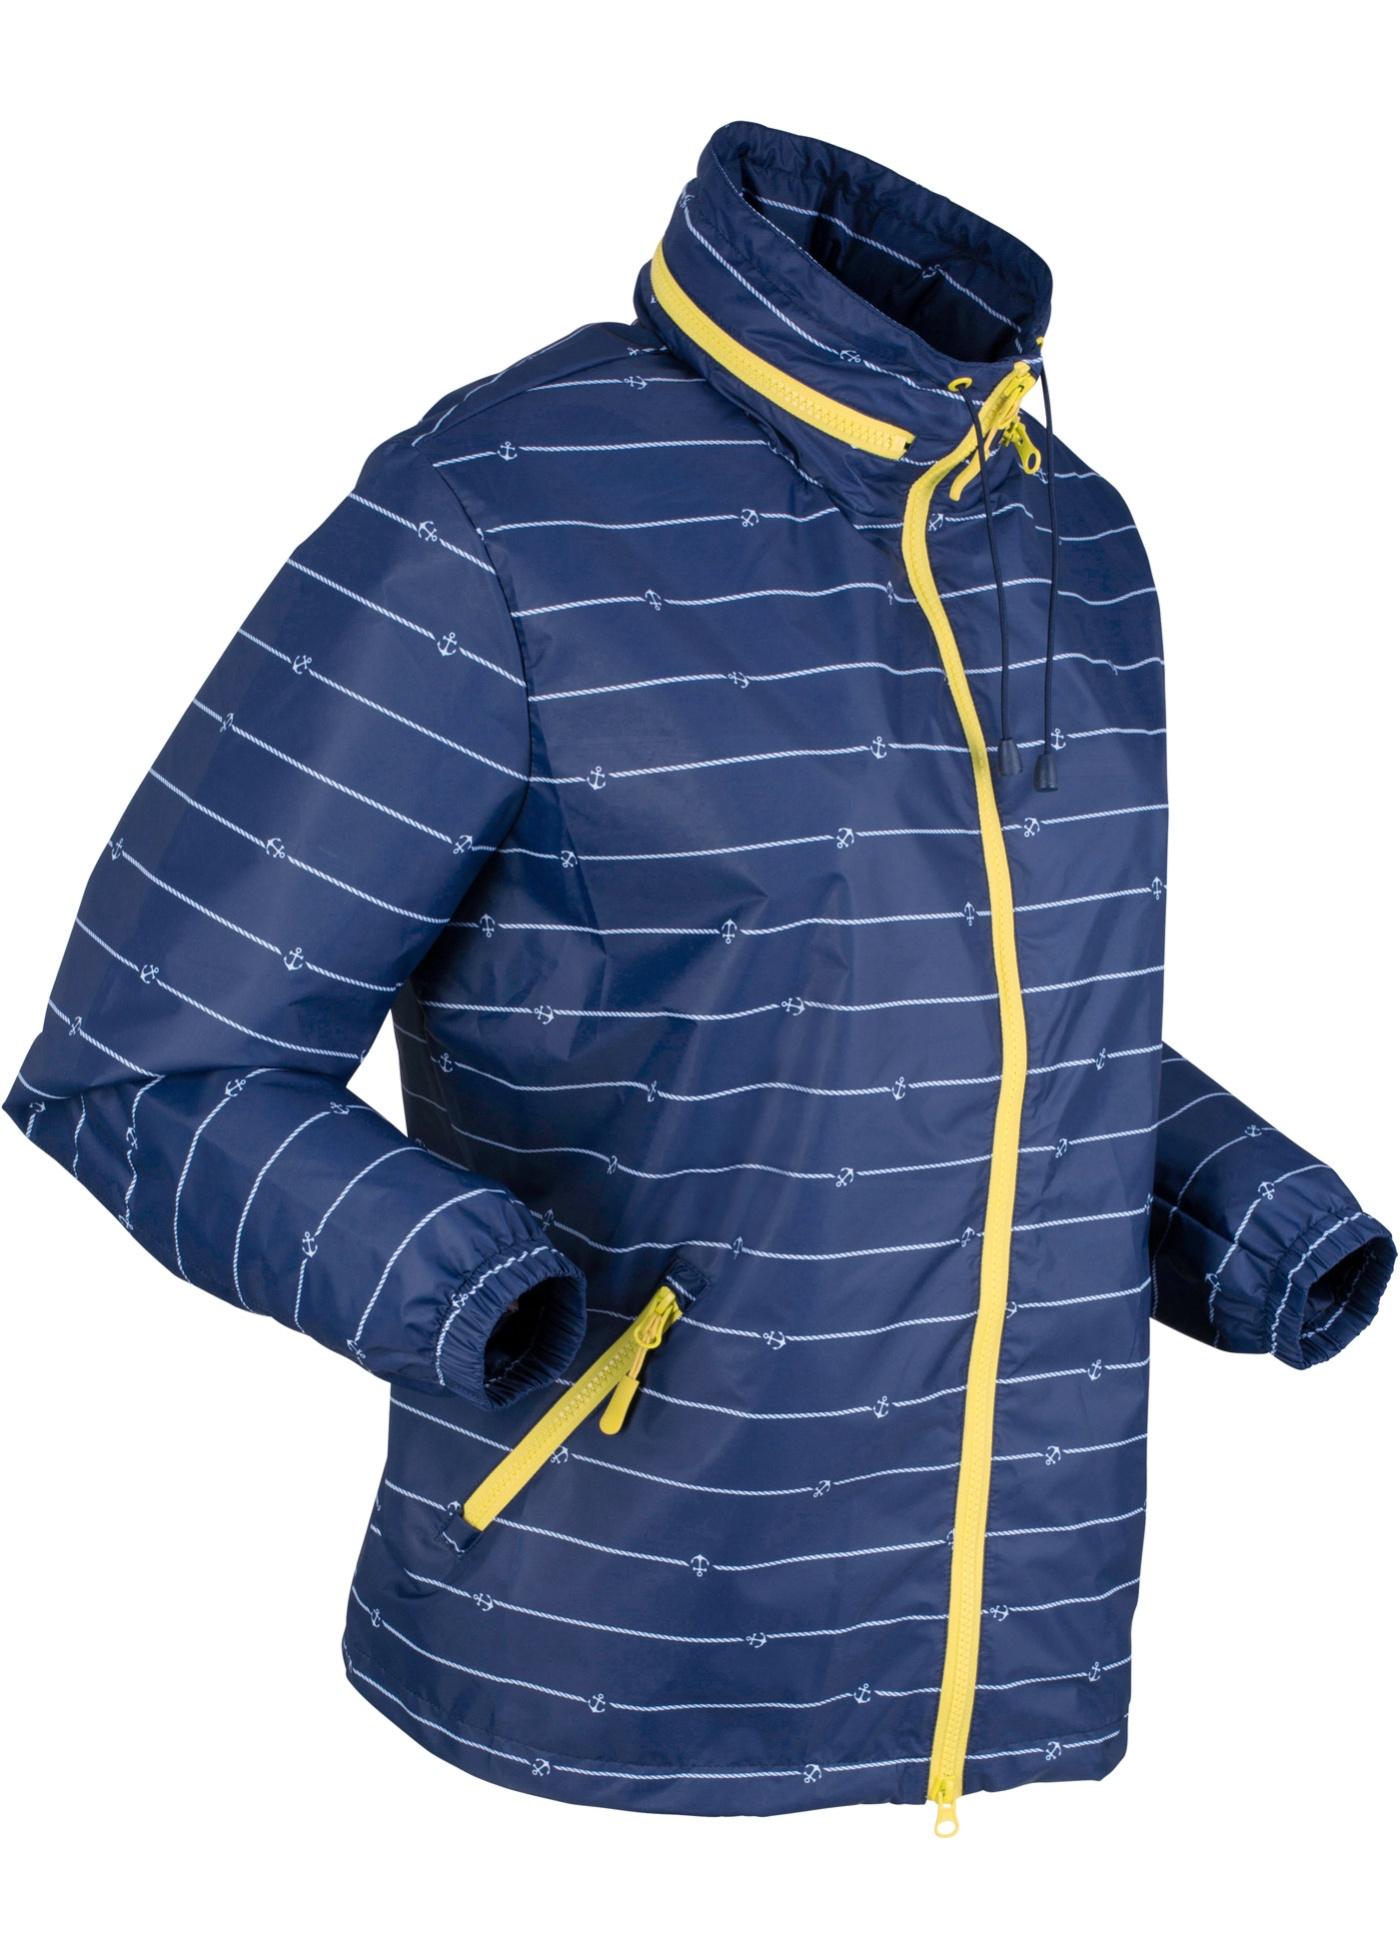 Longues Bleu Bonprix CollectionVeste Pour Bpc Outdoor Femme Manches Fonctionnelle rthdQs